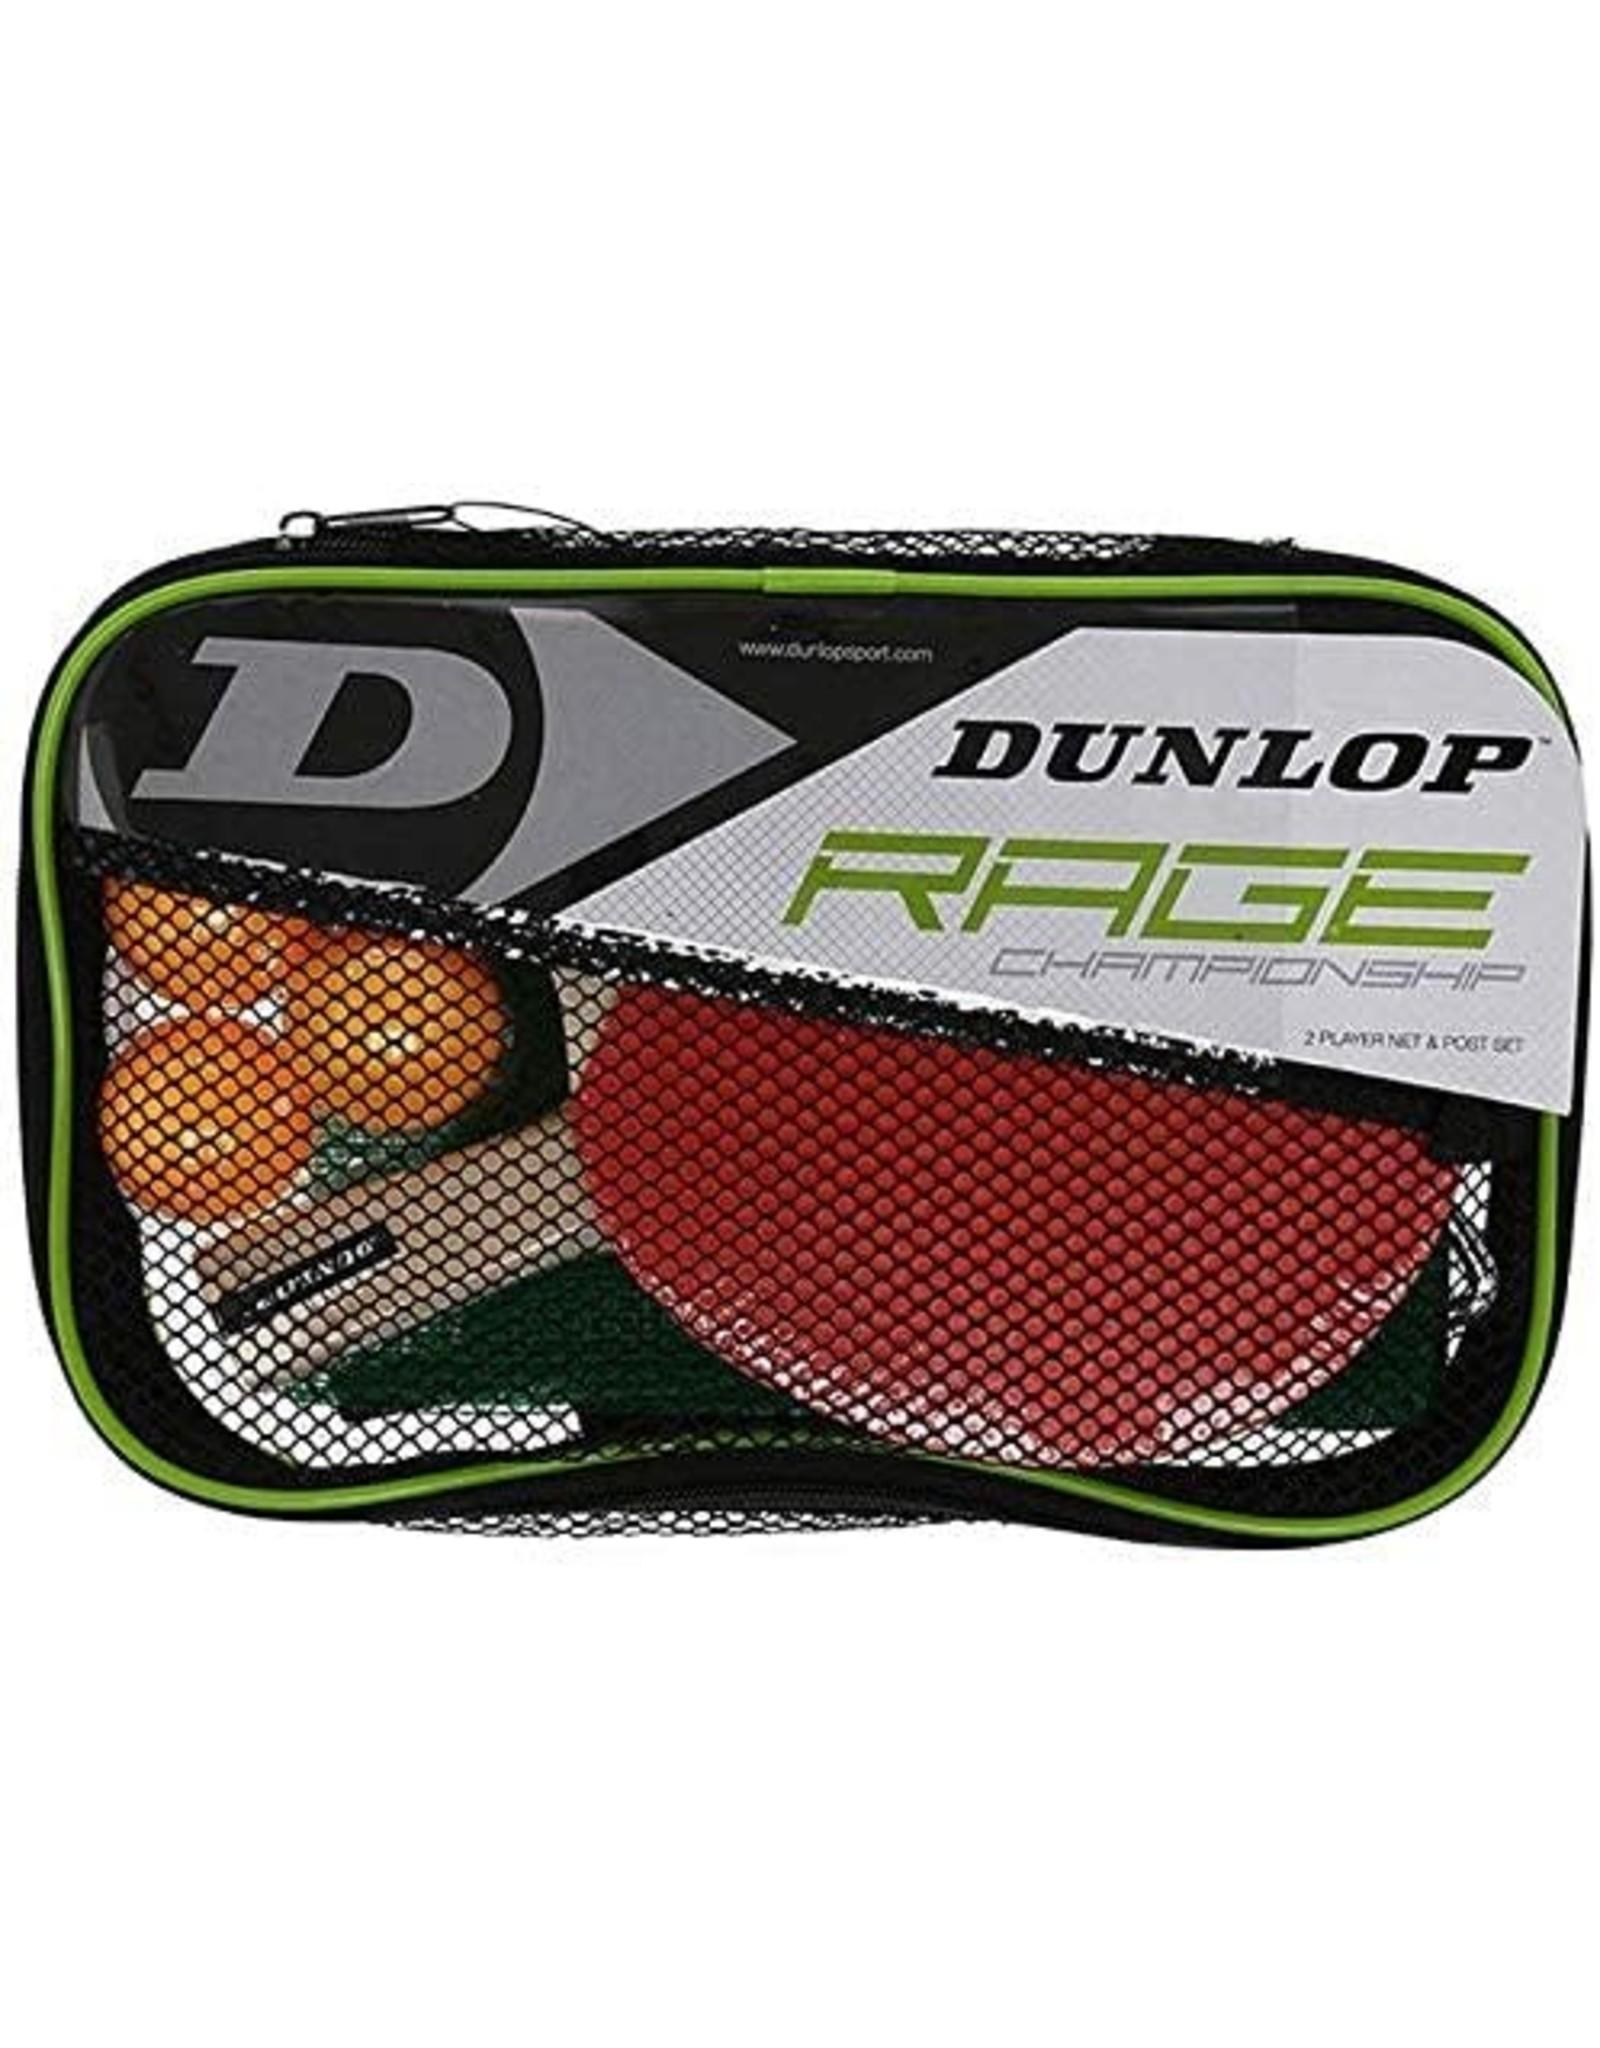 Dunlop D TT AC RAGE CHAMP 2 PLAYER NET & POST SET